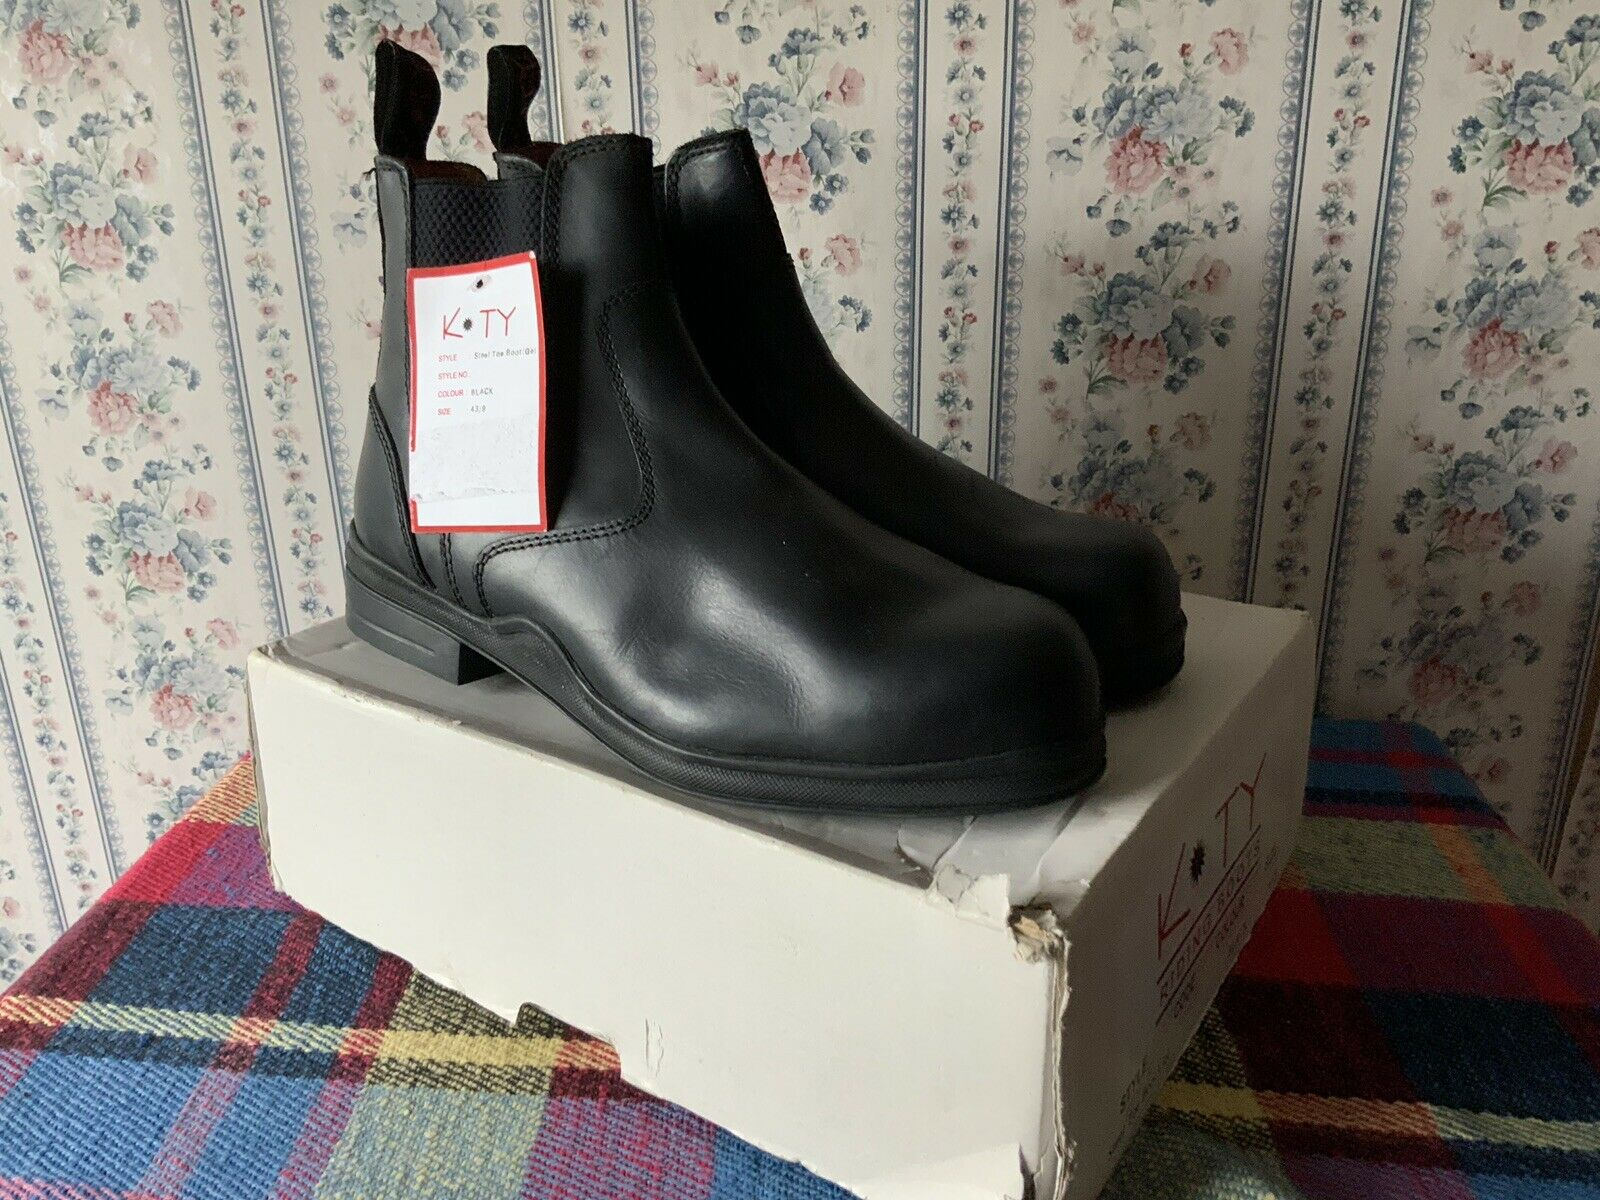 New Unused Kty Short Riding Stiefel - Größe 9 43  SAFETY STEEL TOECAPS COLLEGE